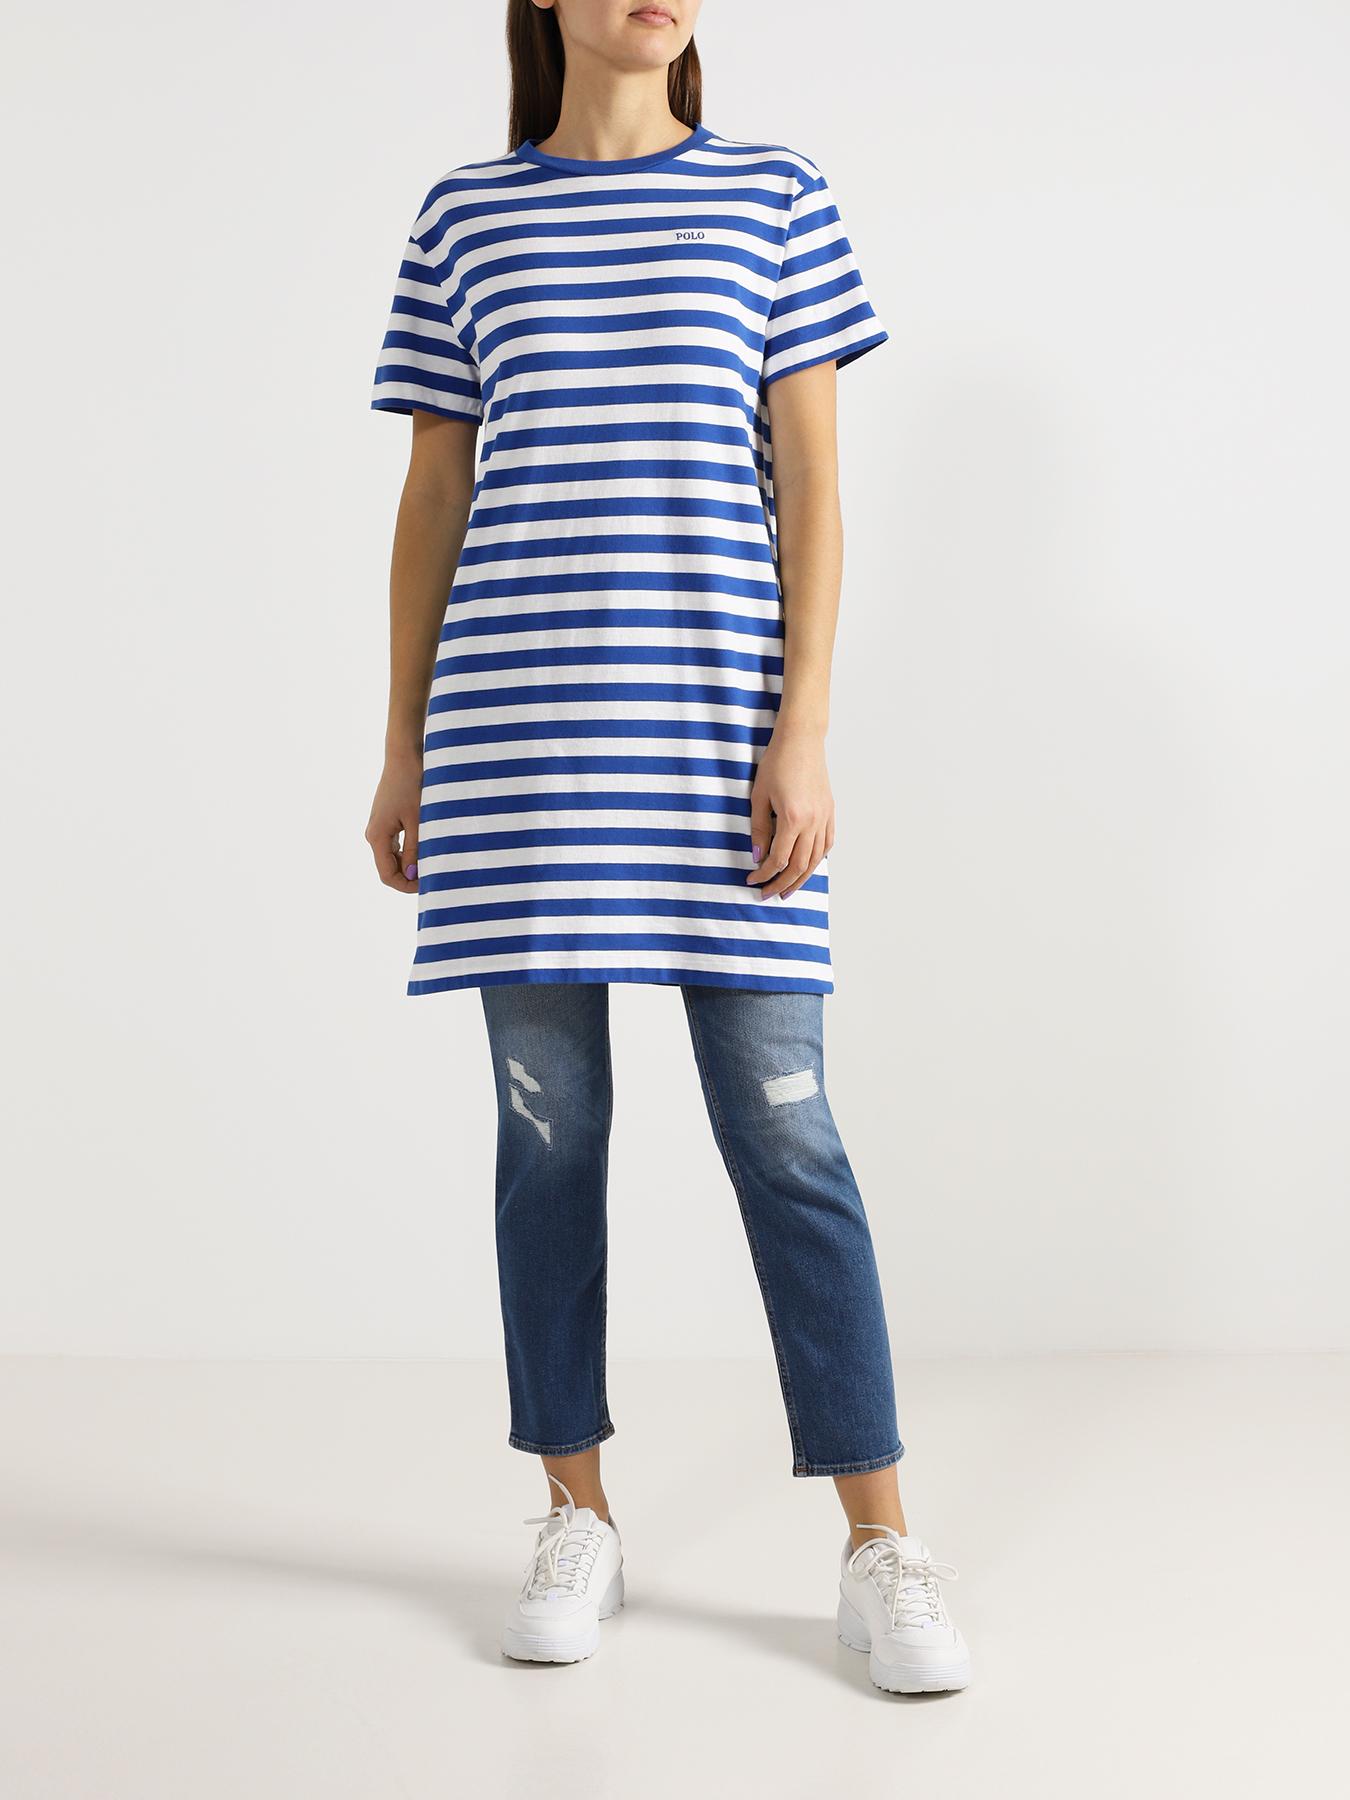 Платье Polo Ralph Lauren Туника туника sevenext pmw18 w008